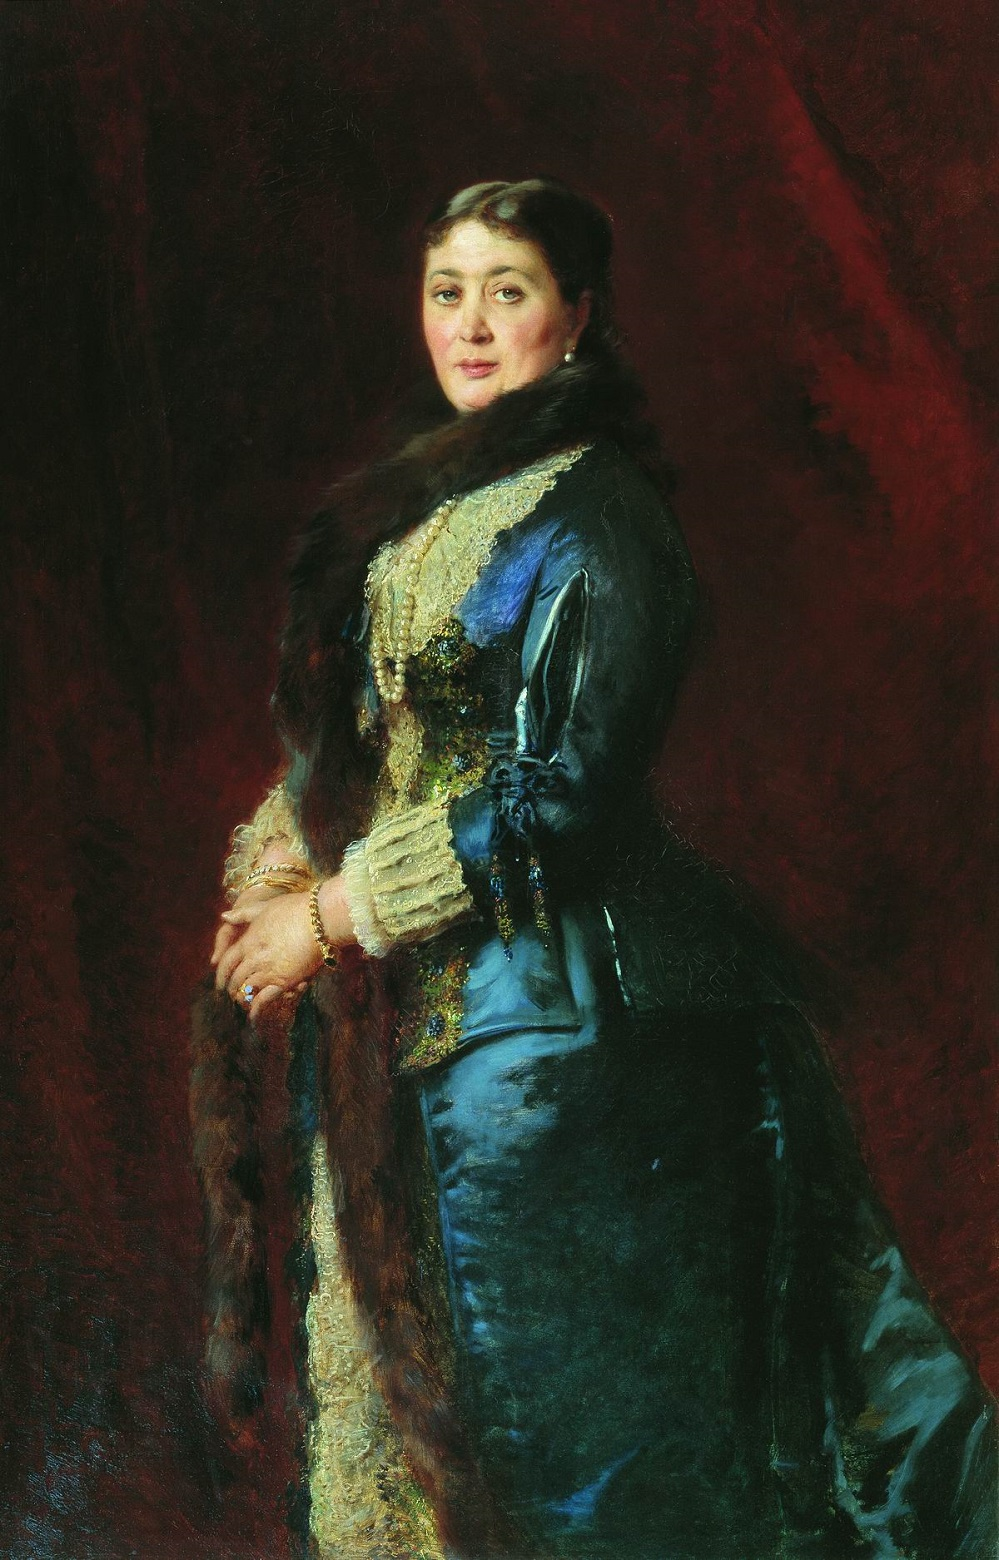 Портрет графини М.Е.Орловой-Давыдовой. 1880-е Государственная Третьяковская галерея, Москва.